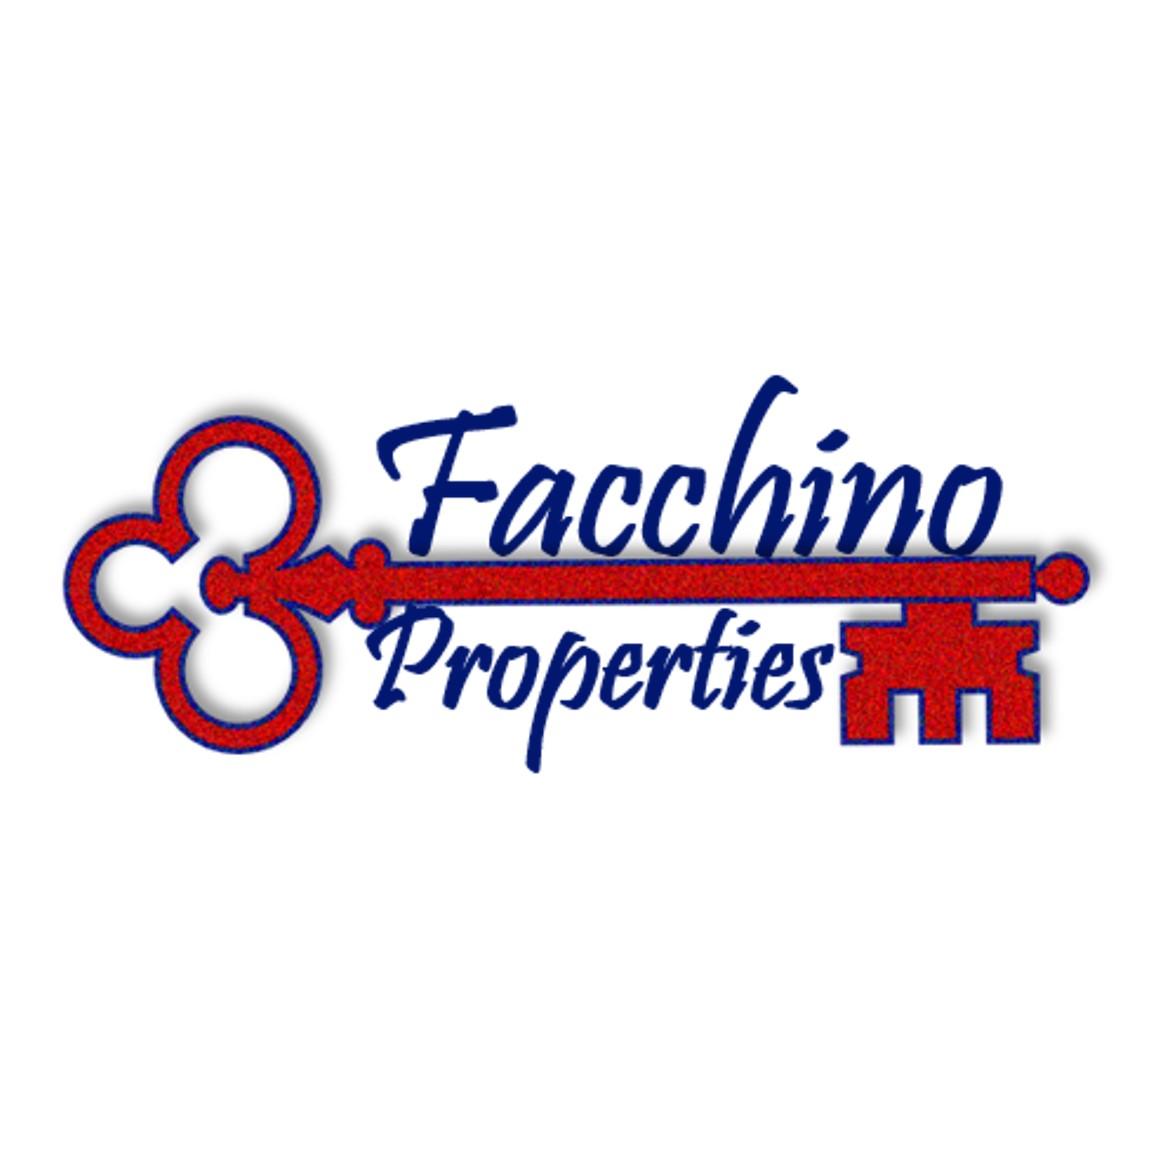 Facchino Properties